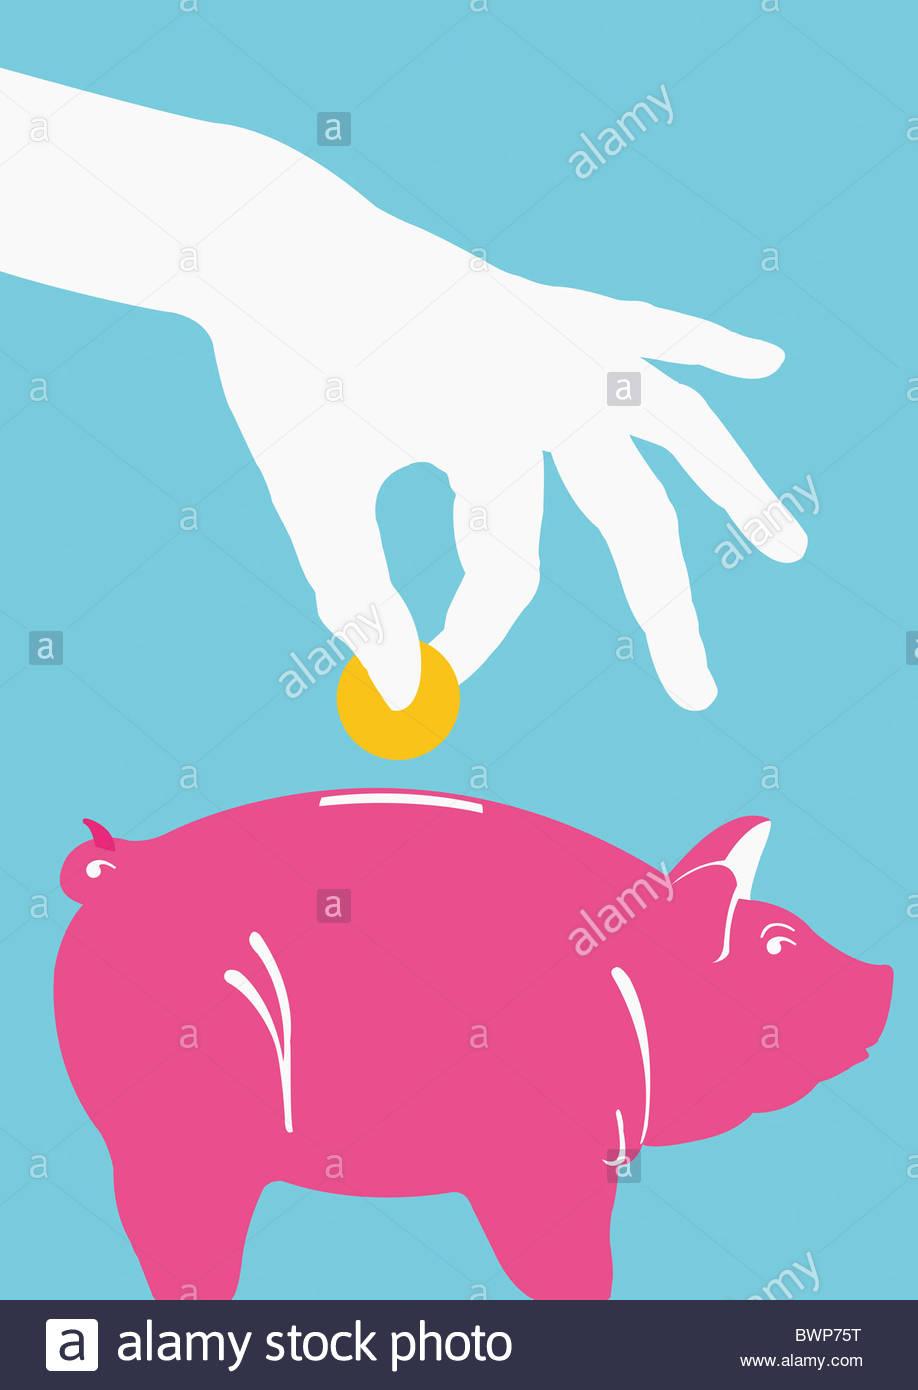 Pessoa colocando moeda no mealheiro Imagens de Stock